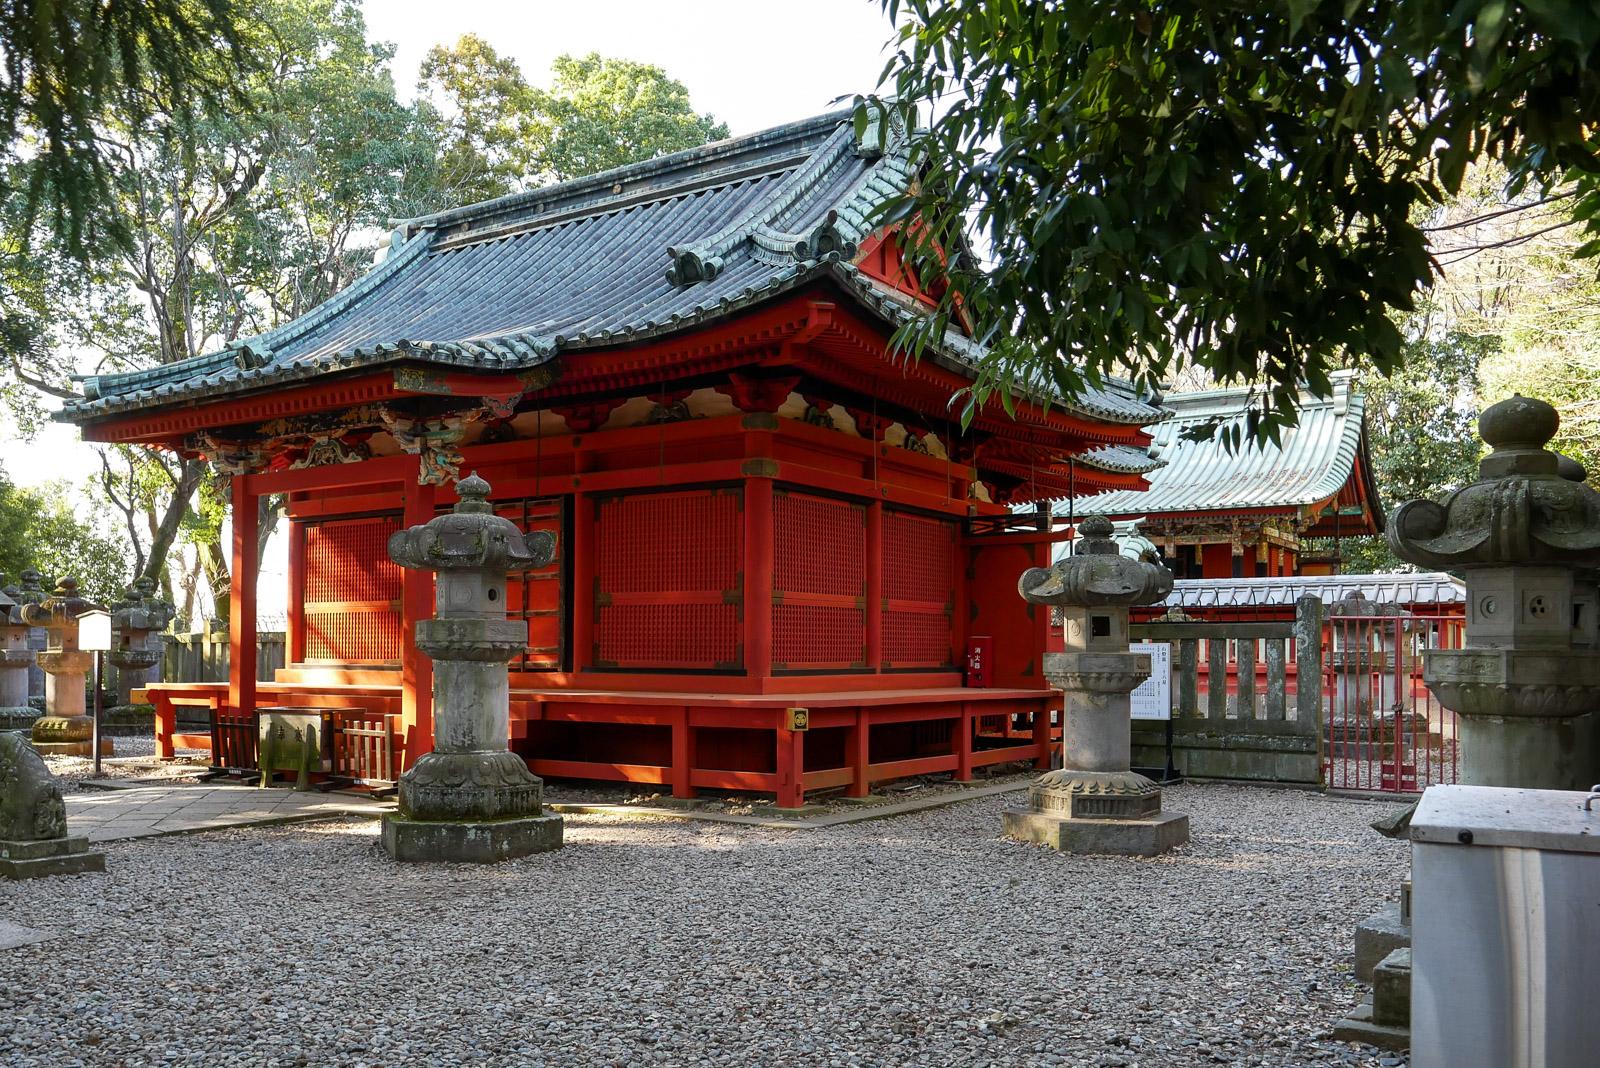 kawagoe day trip senba toshogu